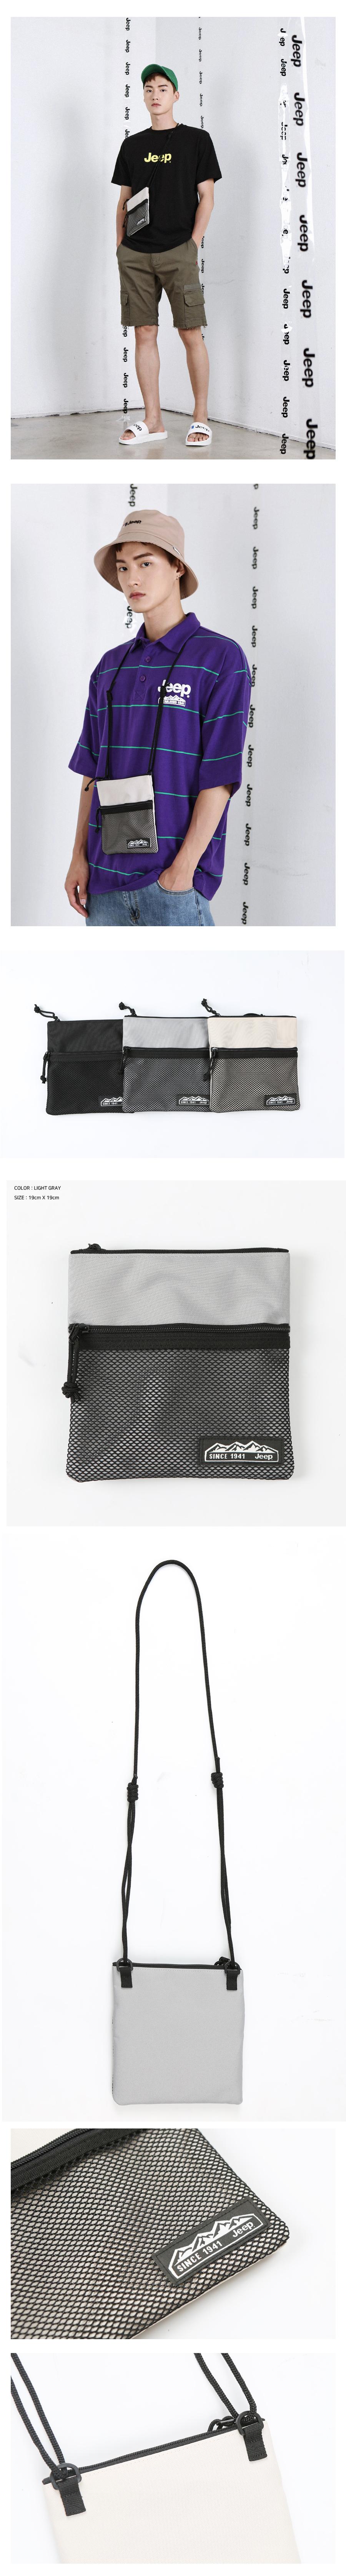 Mesh Mini Bag (GK5GAU521LR)